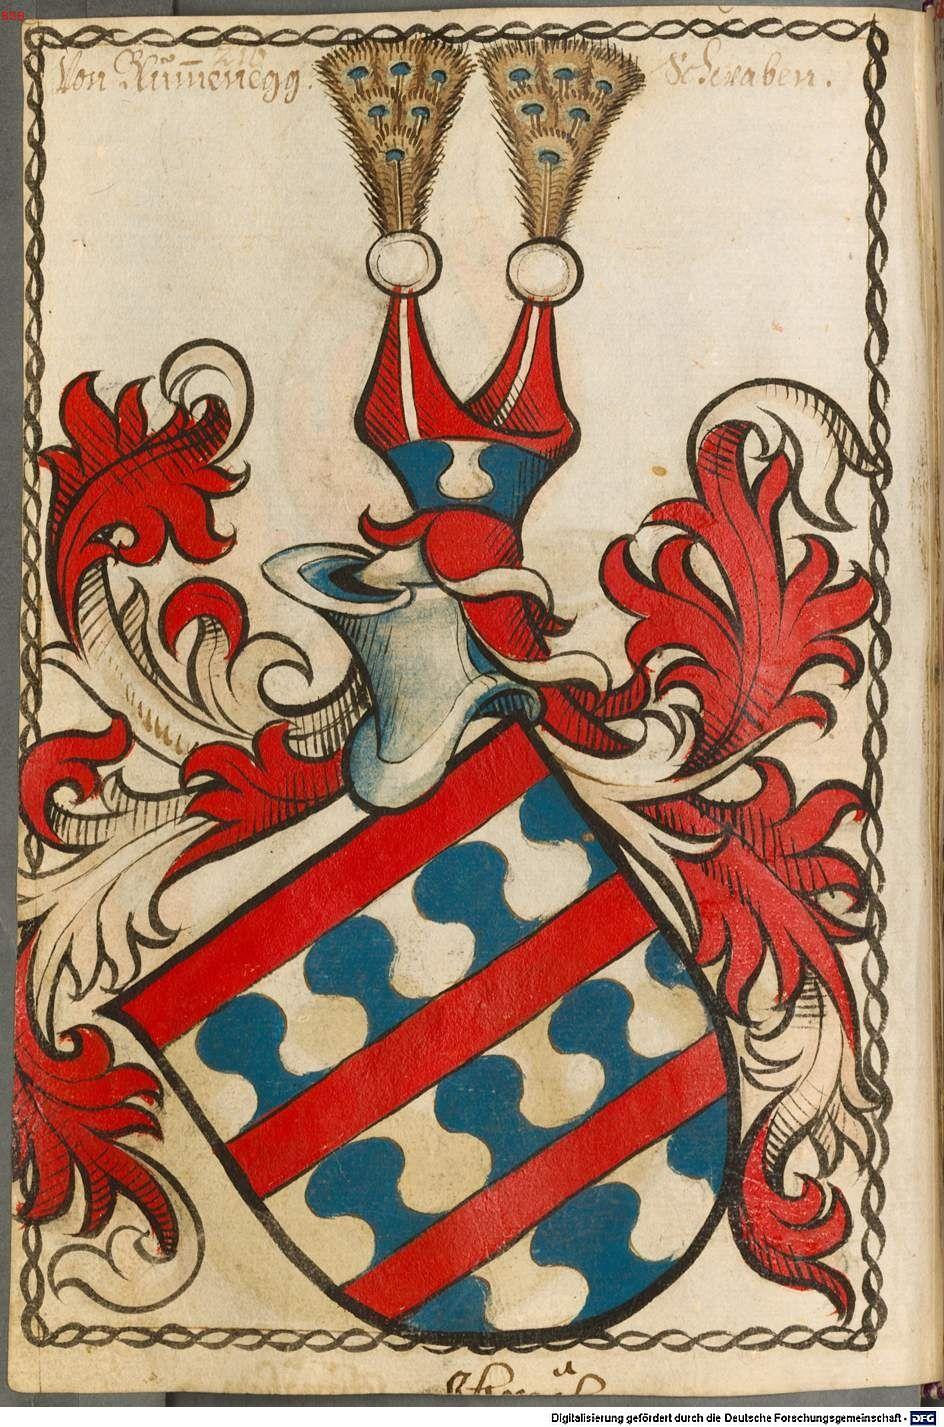 Scheibler'sches Wappenbuch Süddeutschland, um 1450 - 17. Jh. Cod.icon. 312 c  Folio 216